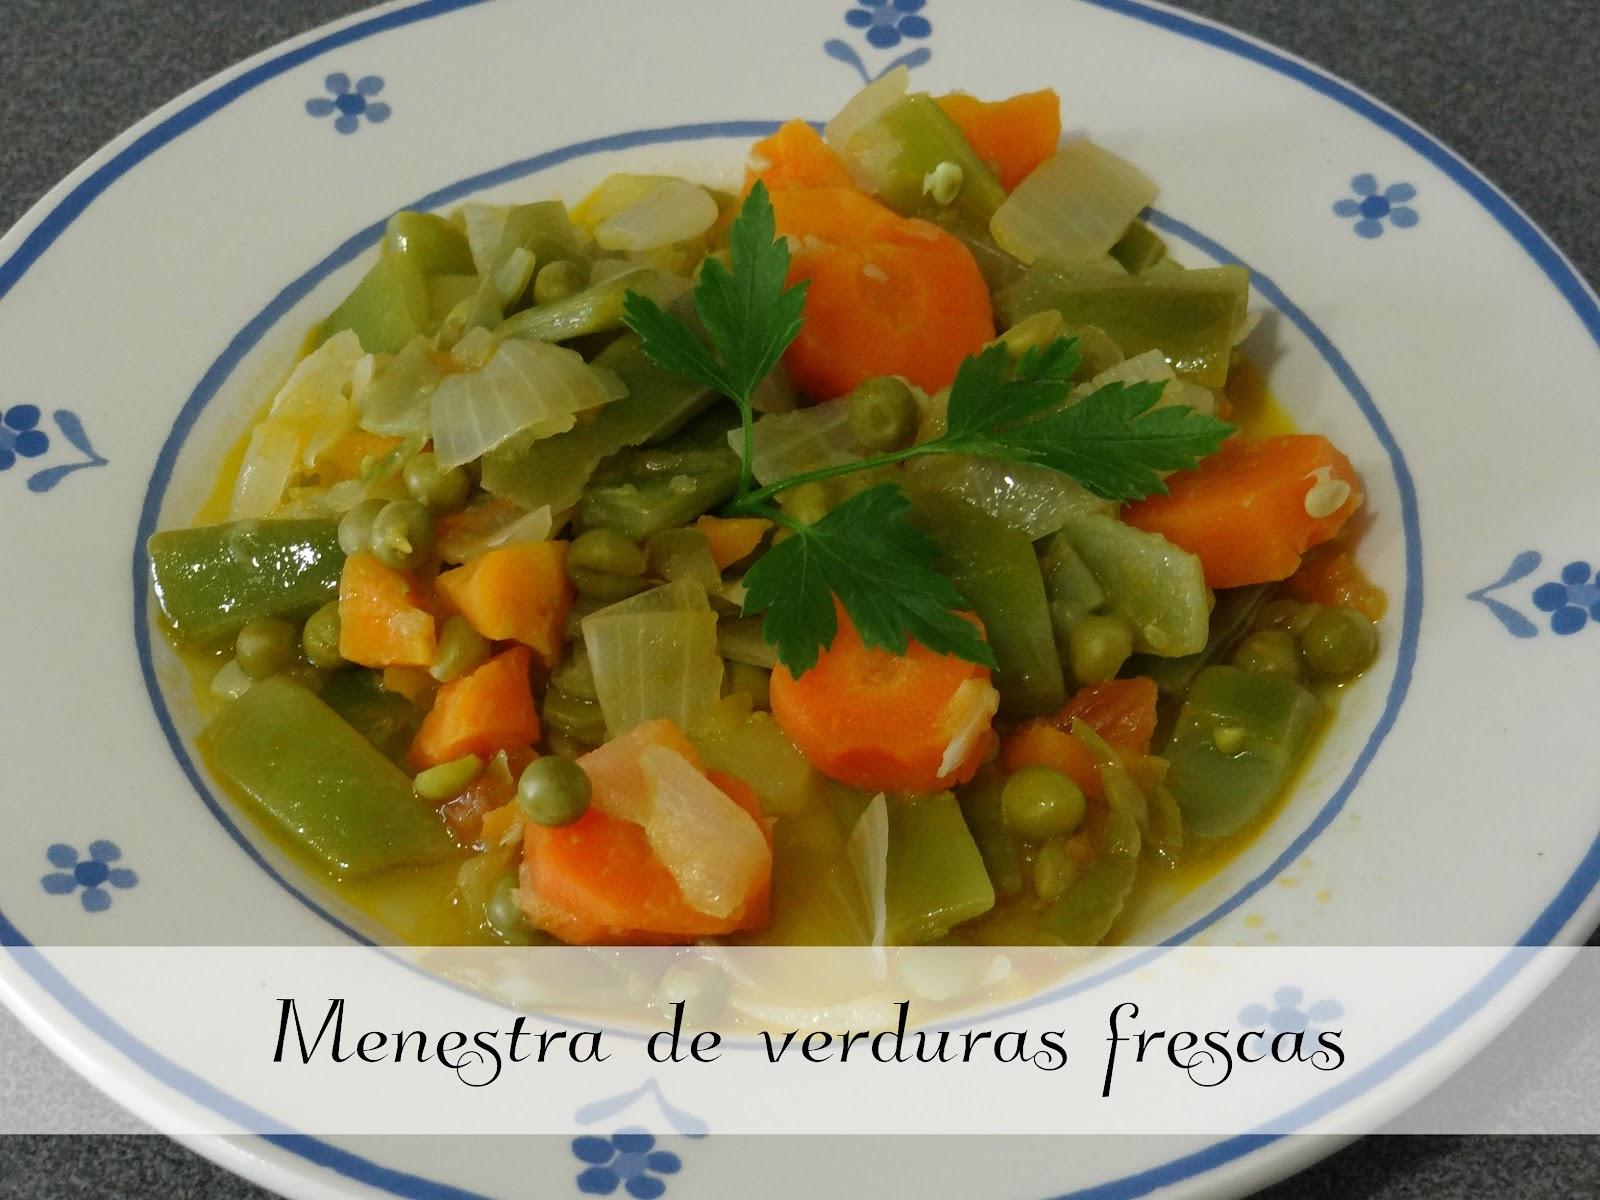 Pacto de tres menestra de verduras frescas - Menestra de verduras en texturas ...